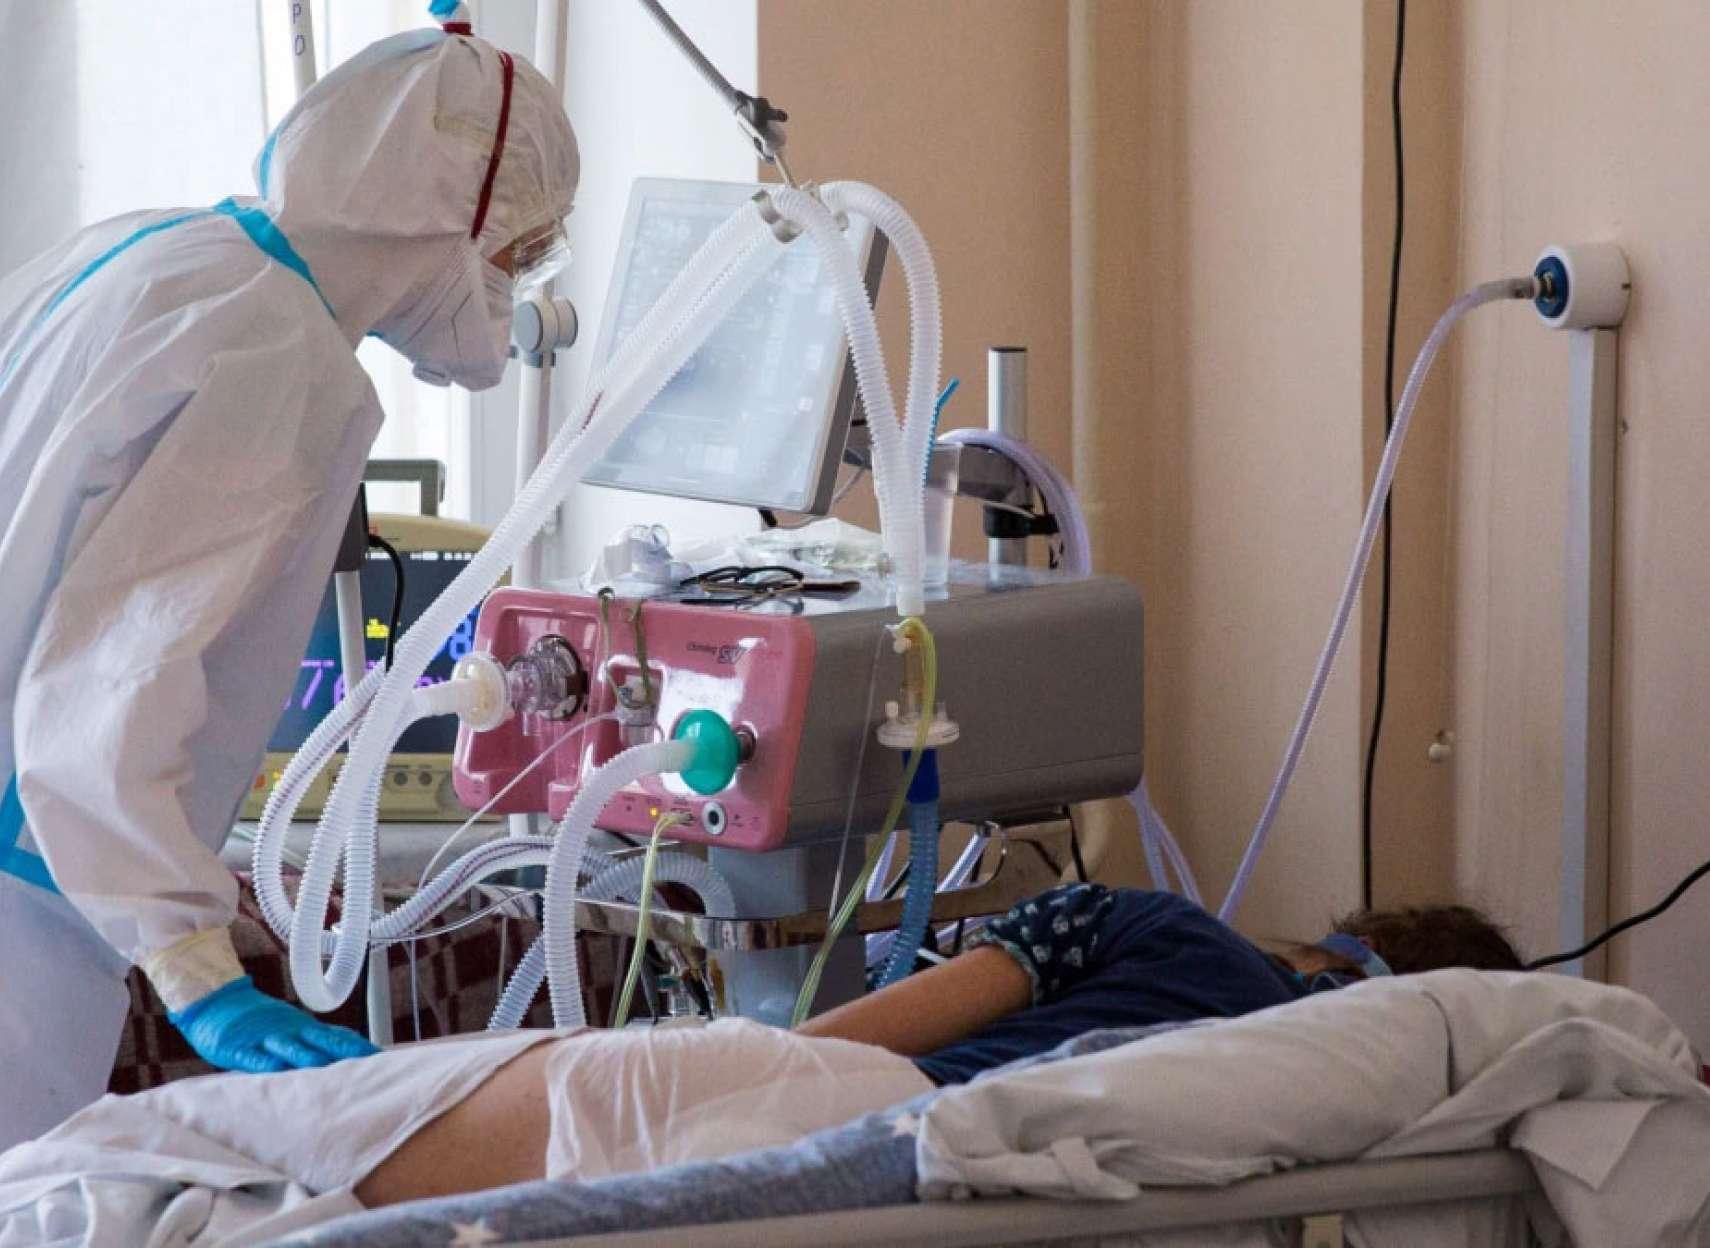 مطلب-کرونا-به-آنهایی-که-کرونای-شدید-می-گیرند-در-بیمارستان-دقیقا-چه-می-گذرد